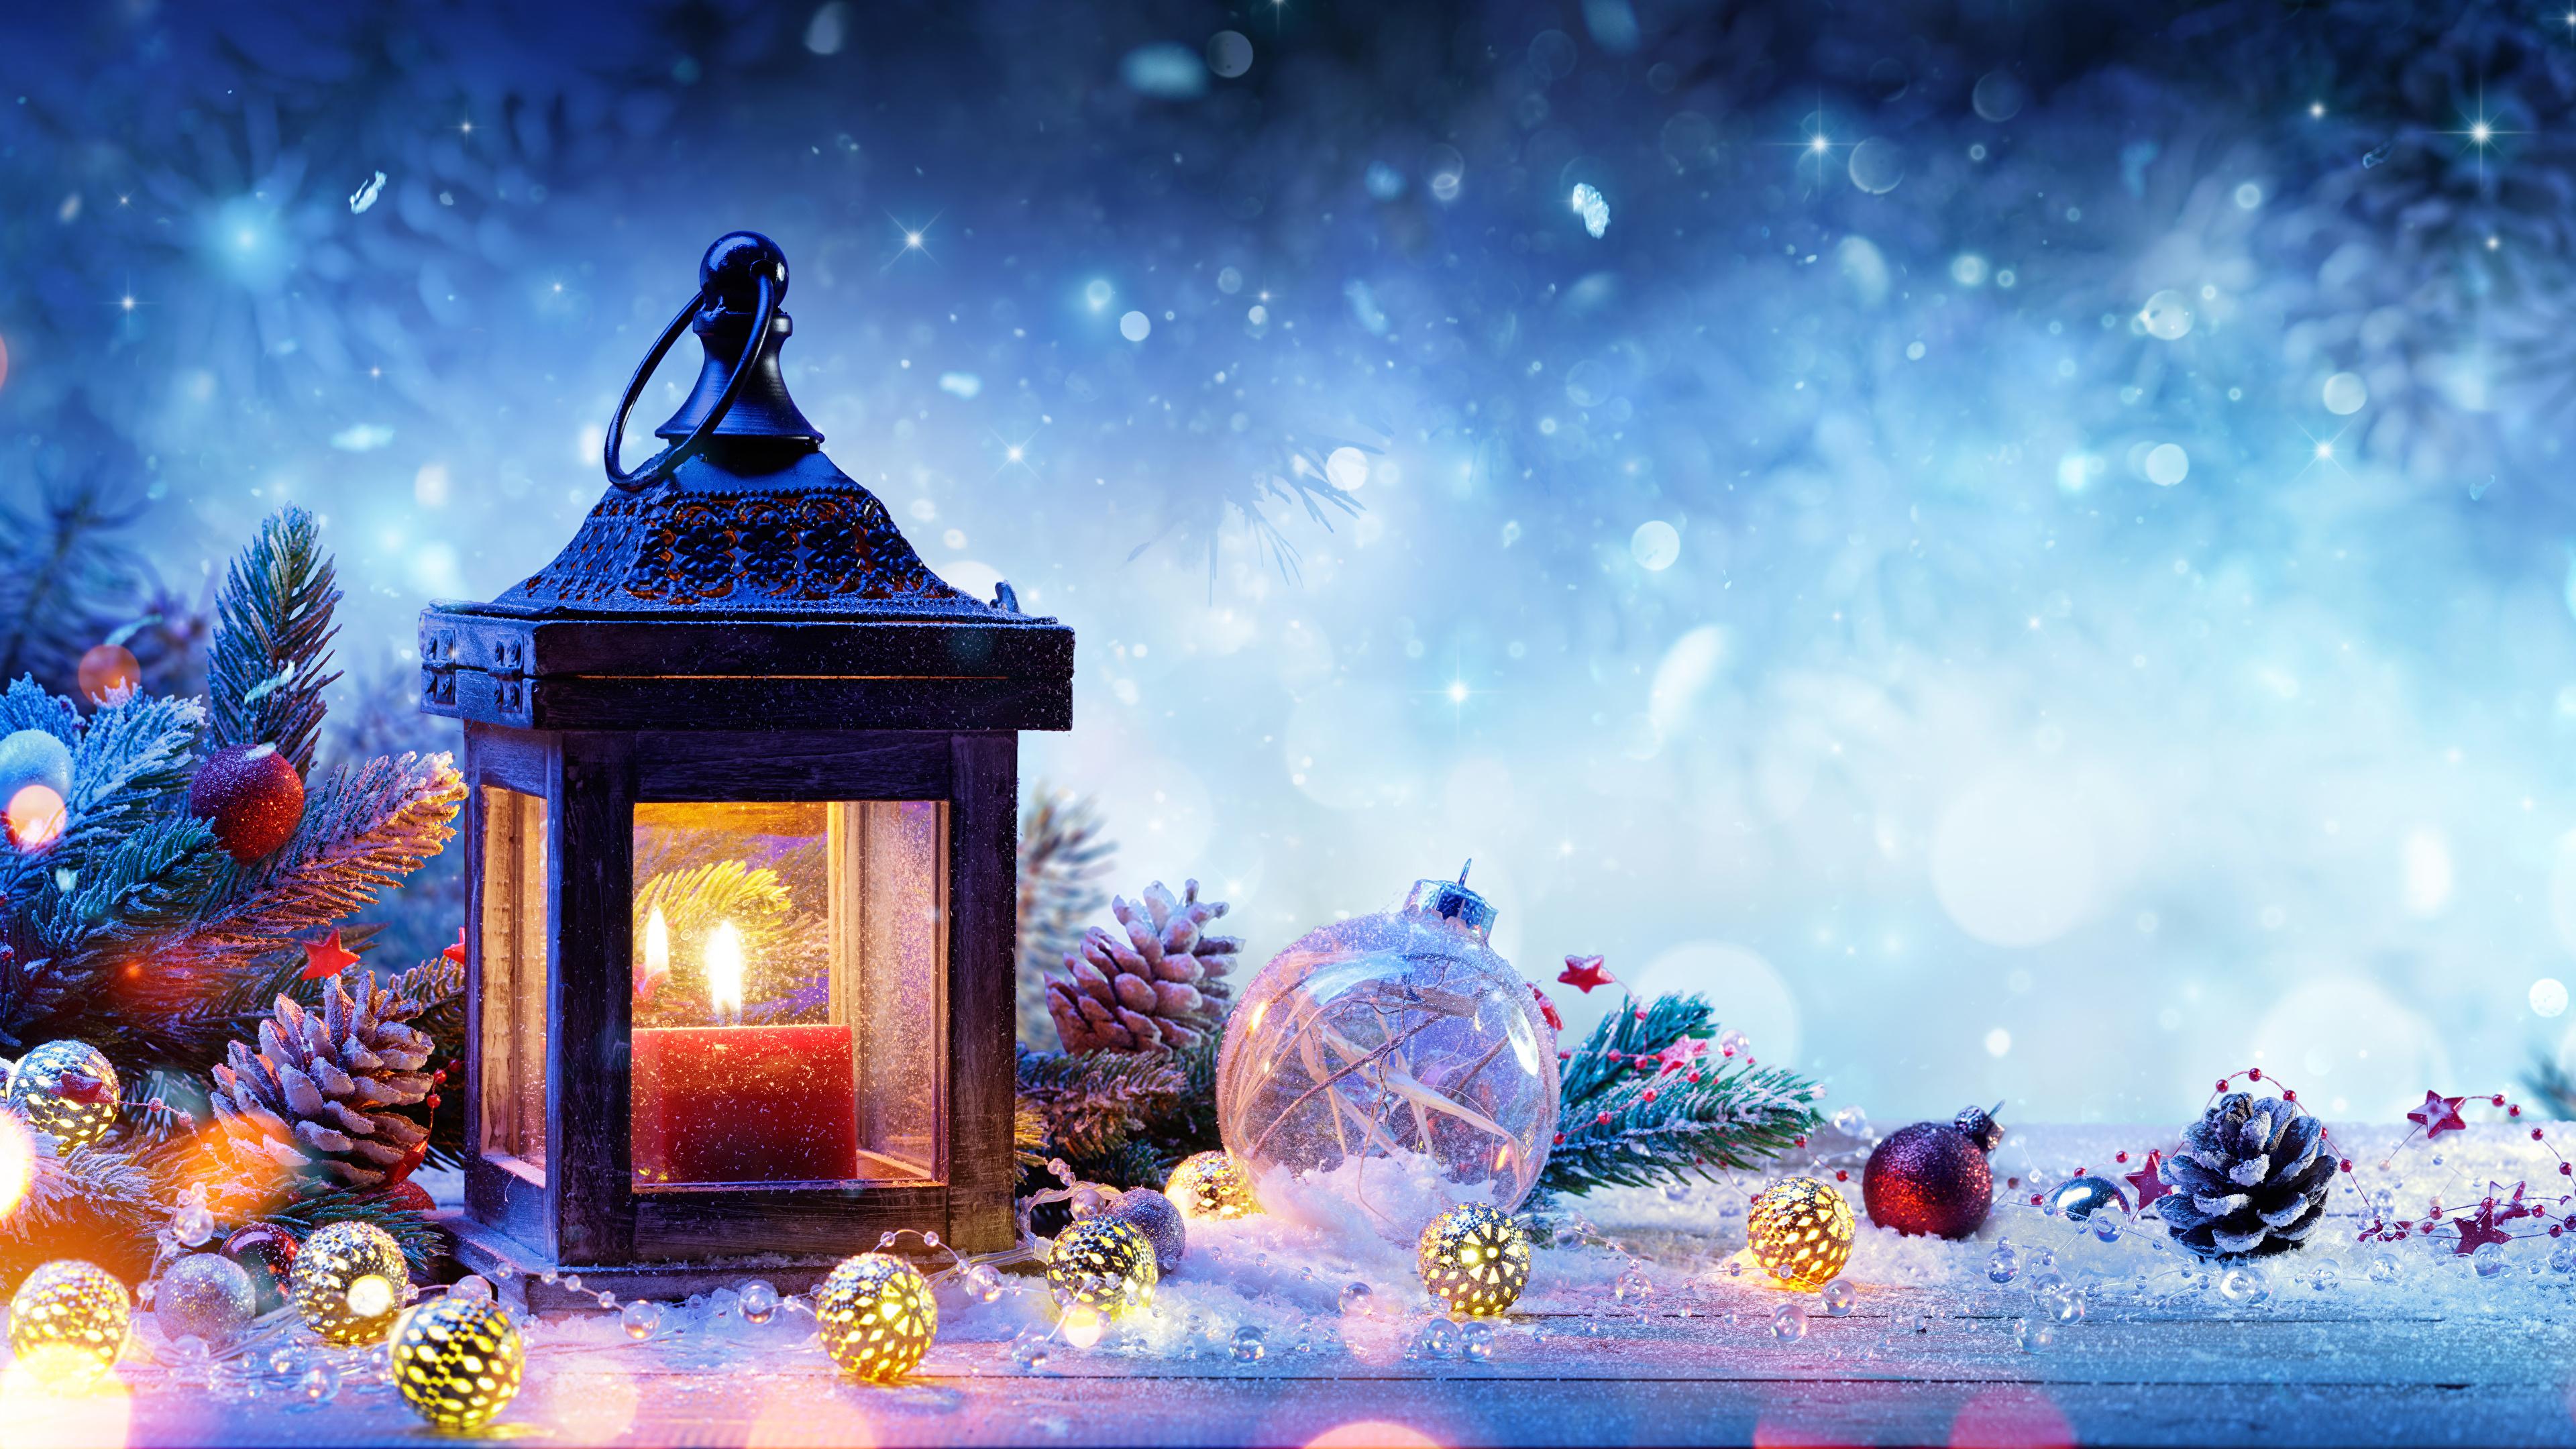 desktop hintergrundbilder neujahr laterne winter schnee. Black Bedroom Furniture Sets. Home Design Ideas